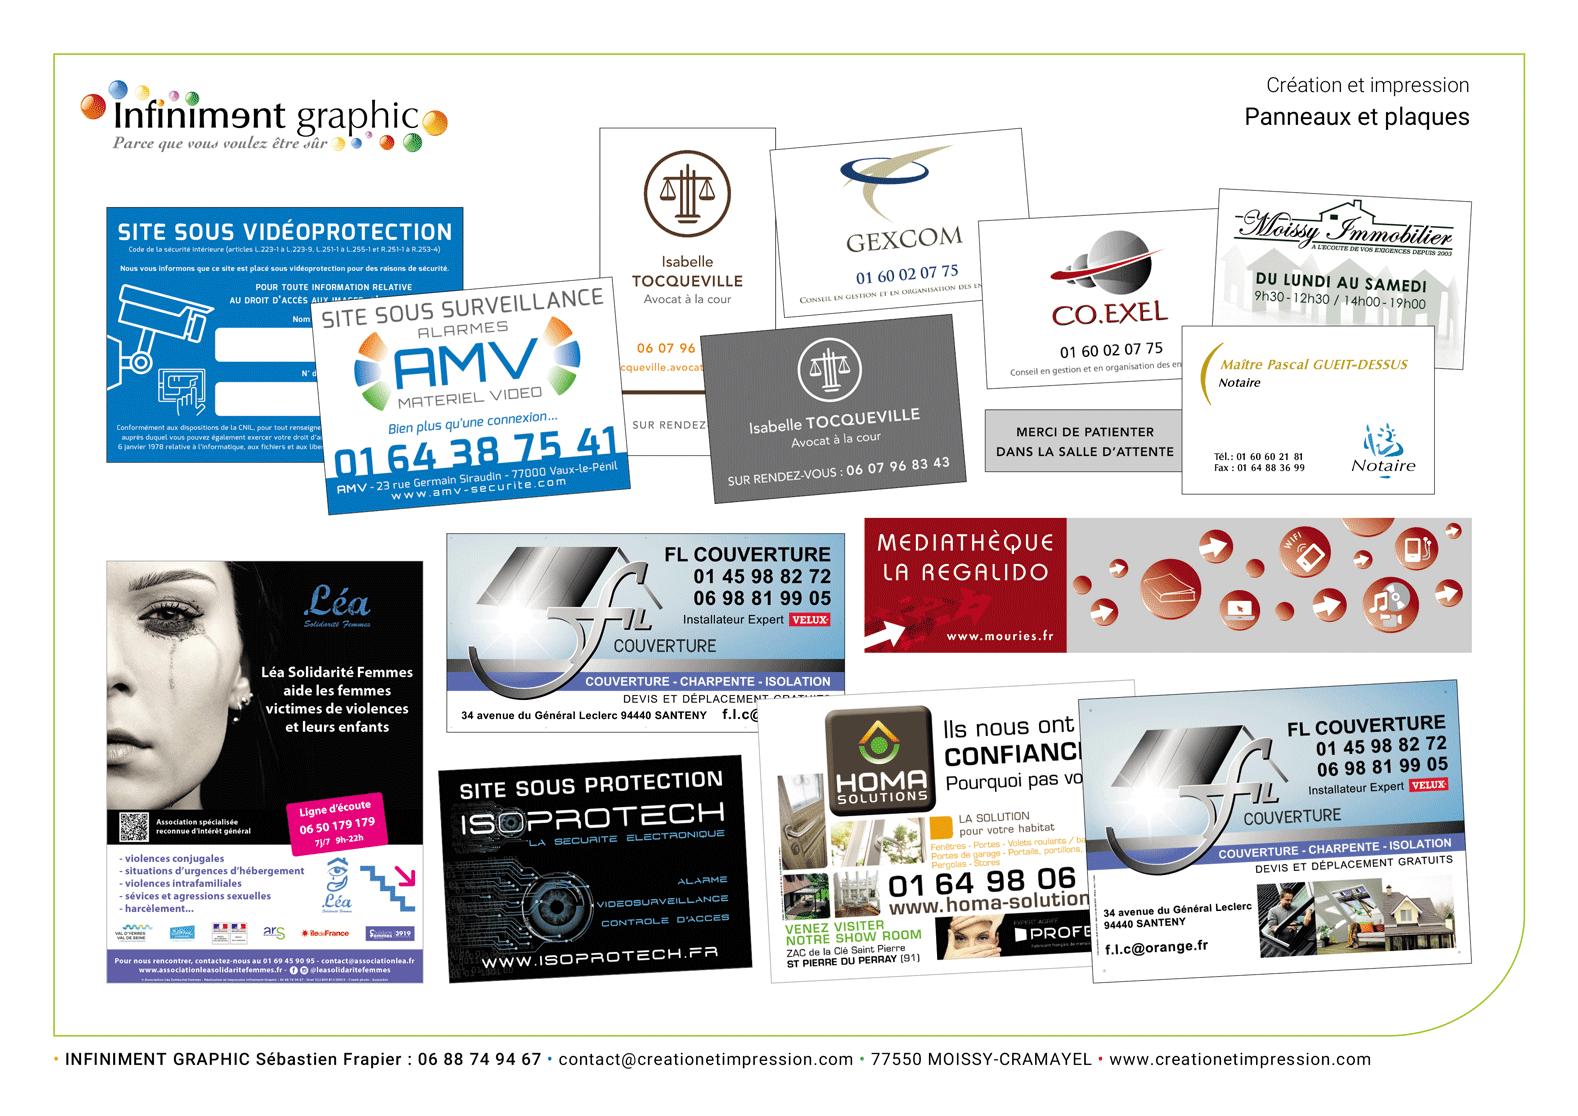 Visuels Panneaux et plaques 2